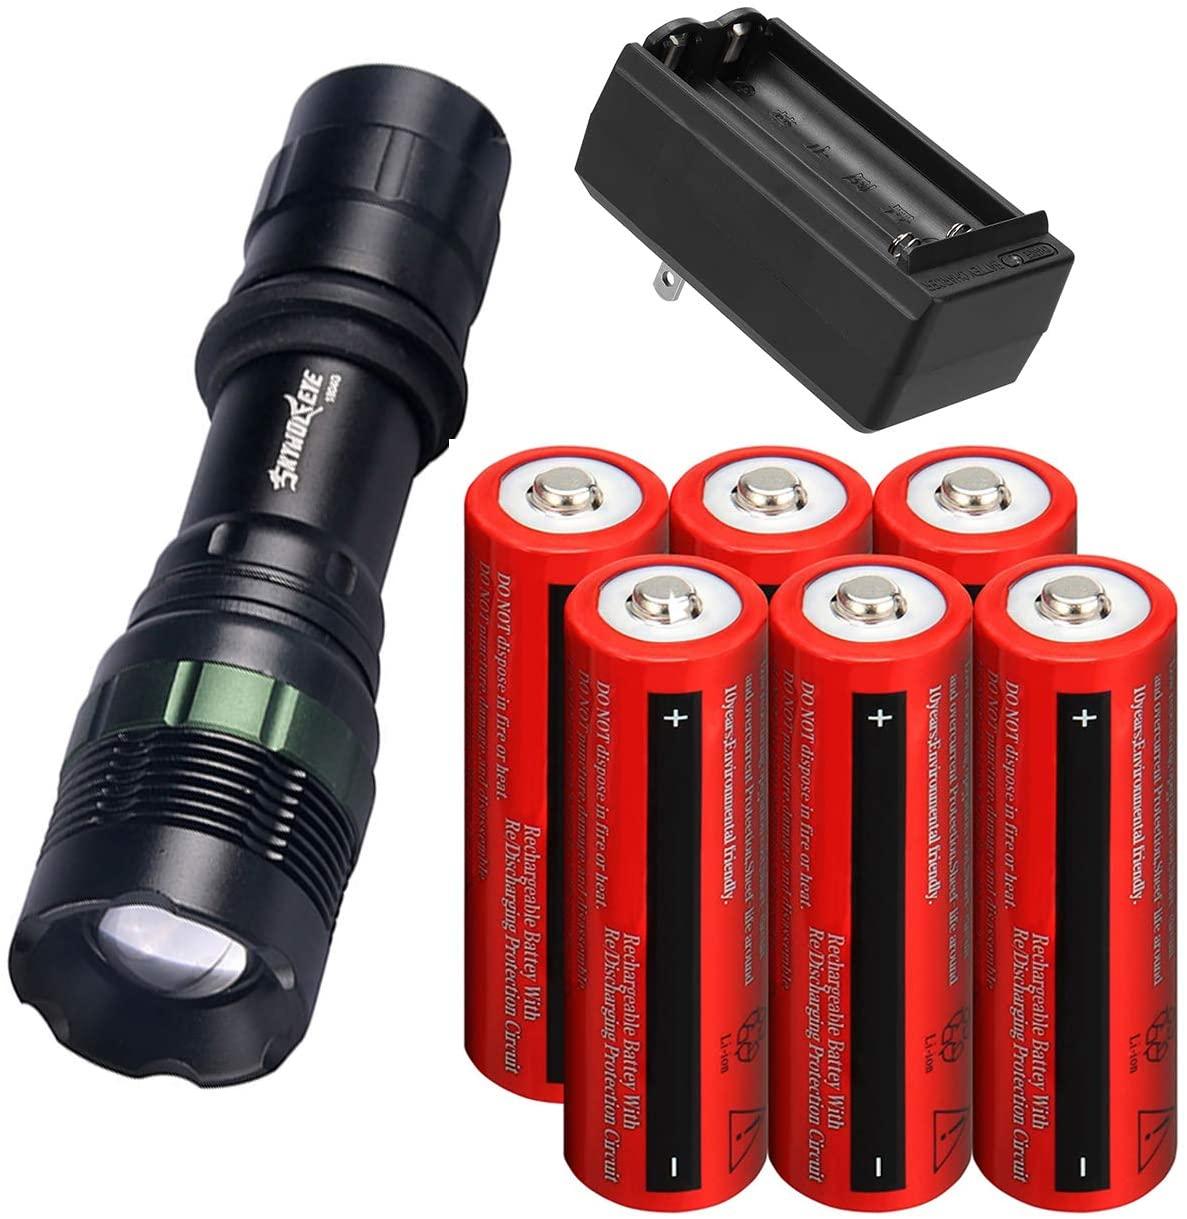 Tokeyla LED Flashlight 3 Working Modes Rechargeable Flashlight With 6 Pack 18650 Rechargeable Battery And 2 Slot 18650 Battery Charger Flashlight Suitable For Camping Hiking Outdoor Emergency Etc